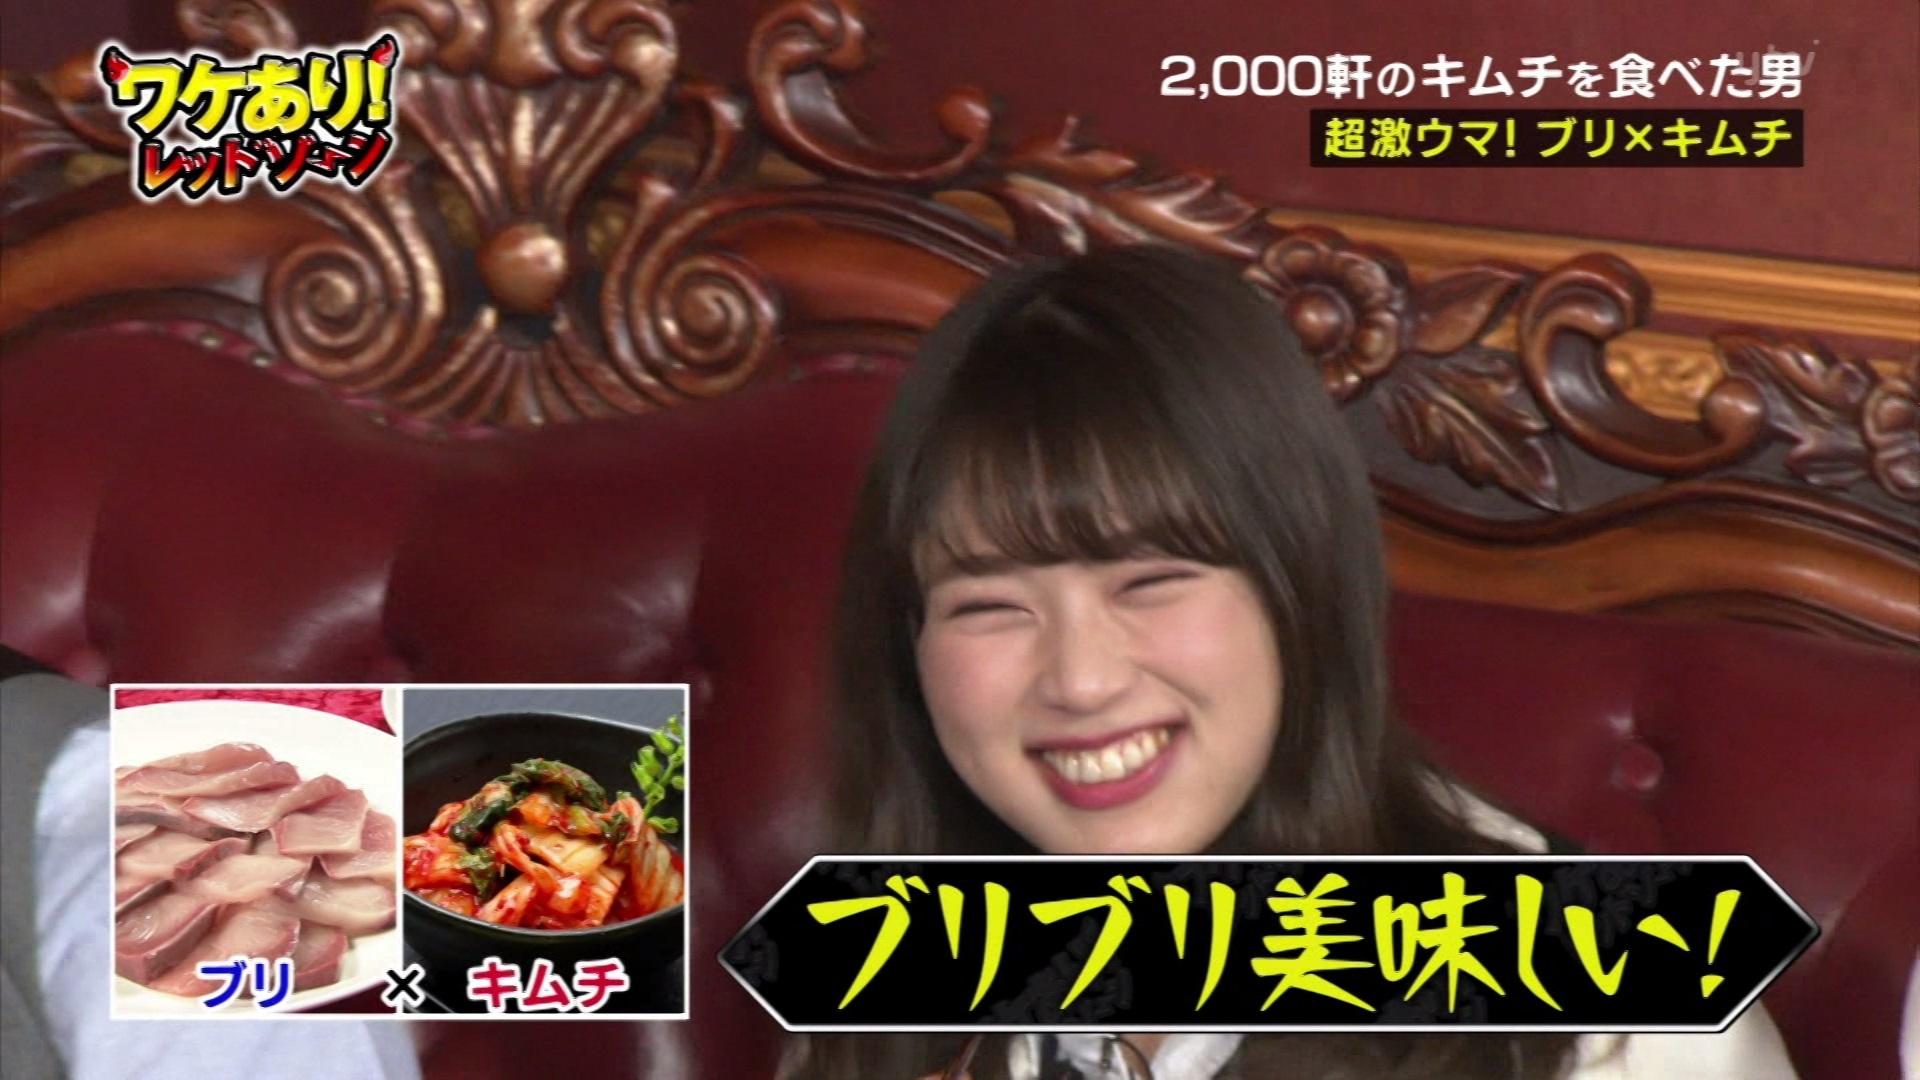 【渋谷凪咲】なぎさ出演、2月2日「ワケあり!レッドゾーン」キャプ画像。ブリブリ美味しいブリキムチ。